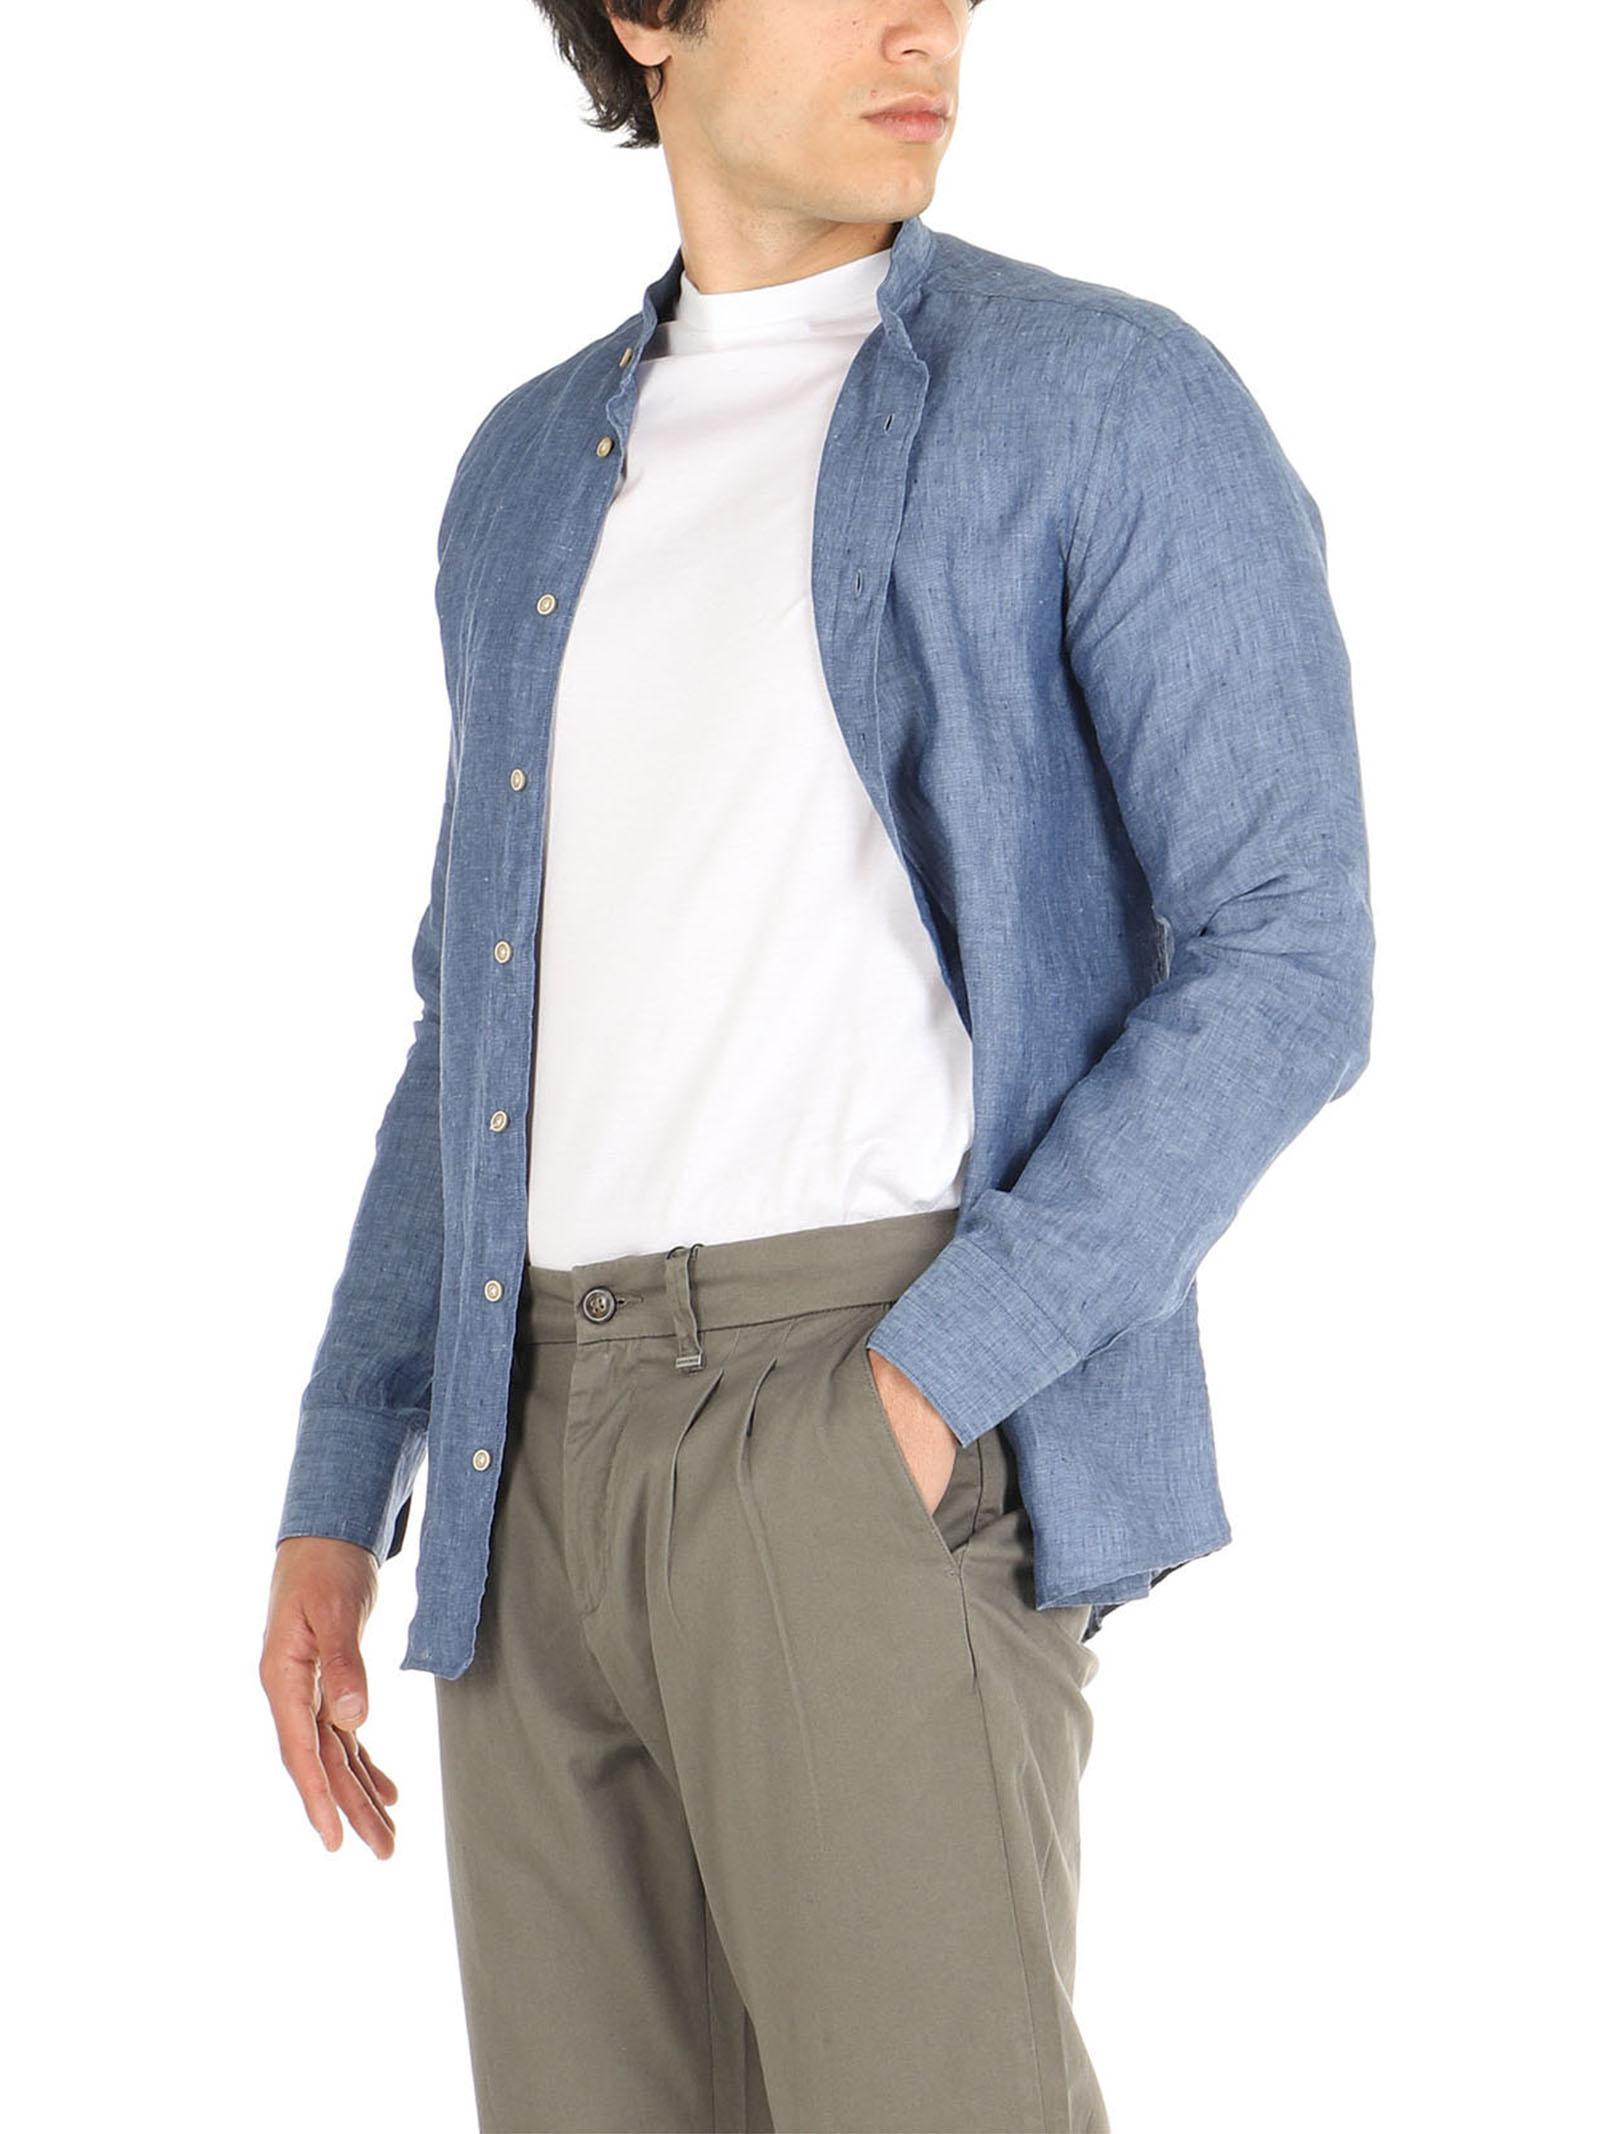 Camicia di lino collo coreano De Lamp   Camicie    dl21 3000CAVION